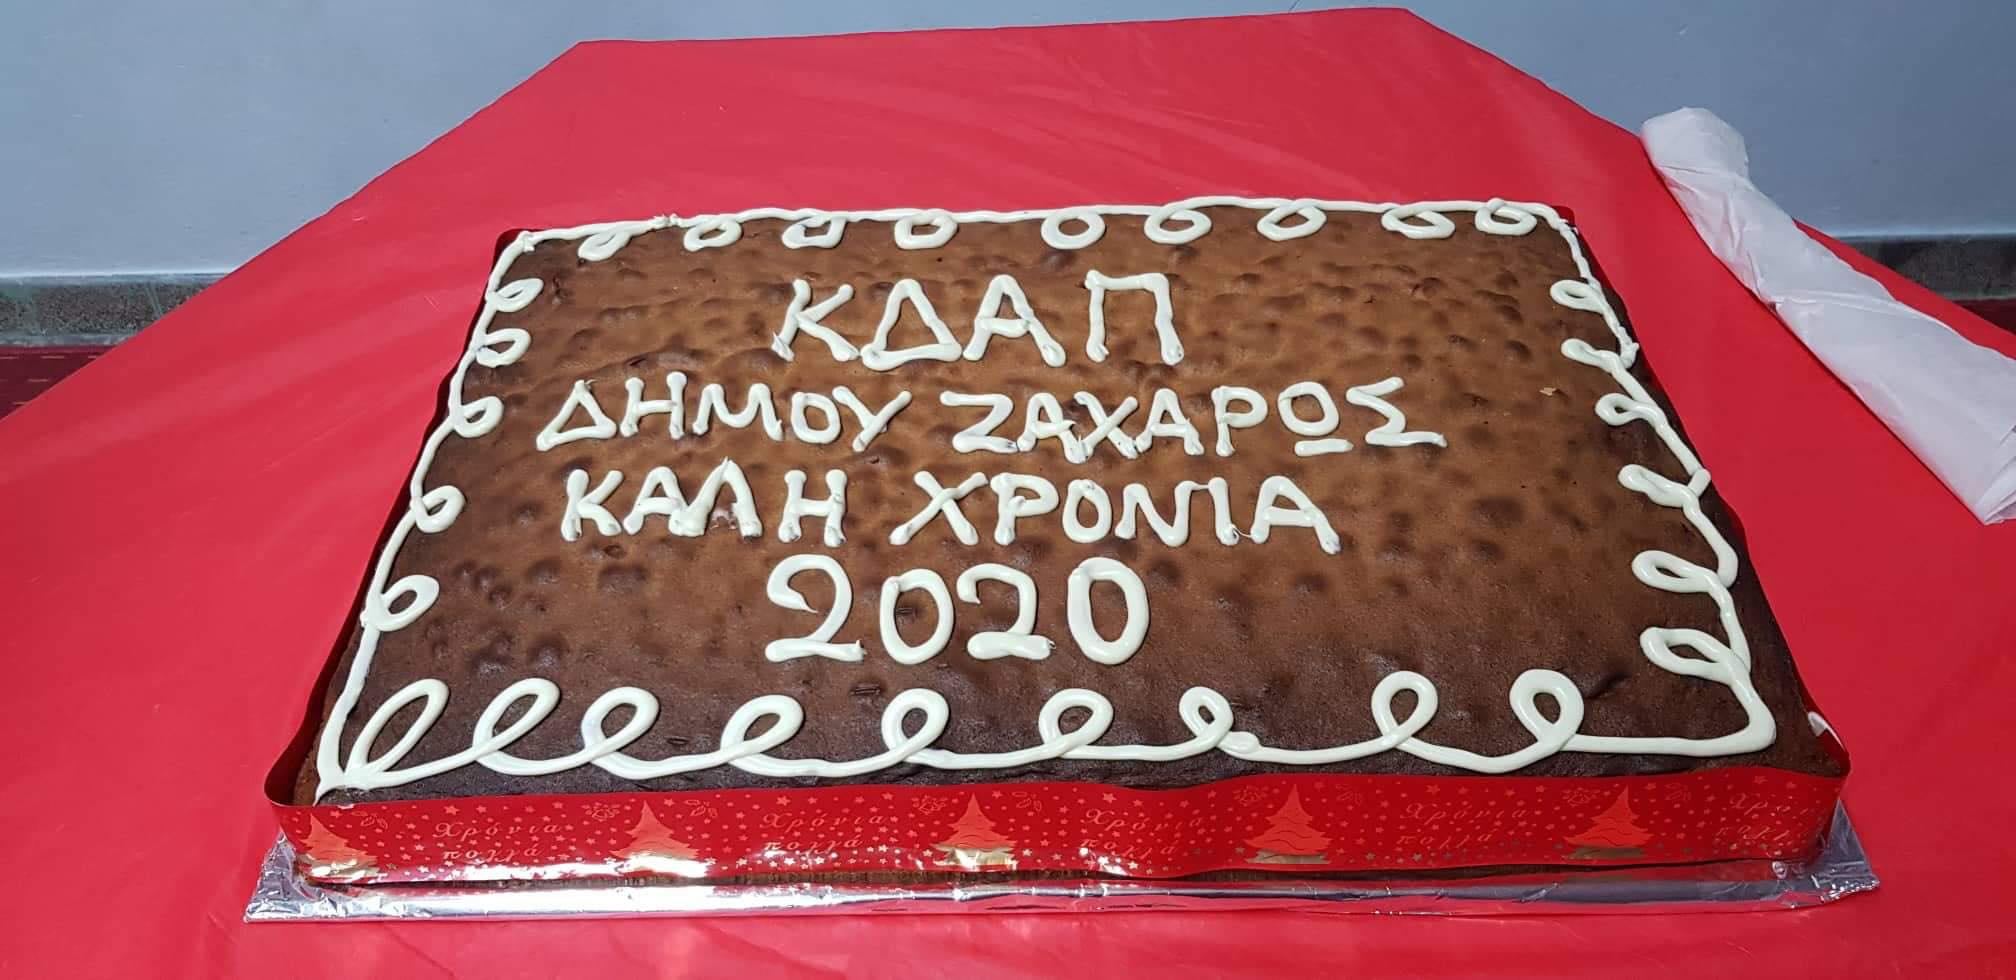 Δήμος Ζαχάρως: Κοπή πίτας για το Κέντρο Δημιουργικής Απασχόλησης Παιδιών (ΚΔΑΠ) του Δήμου (photos)